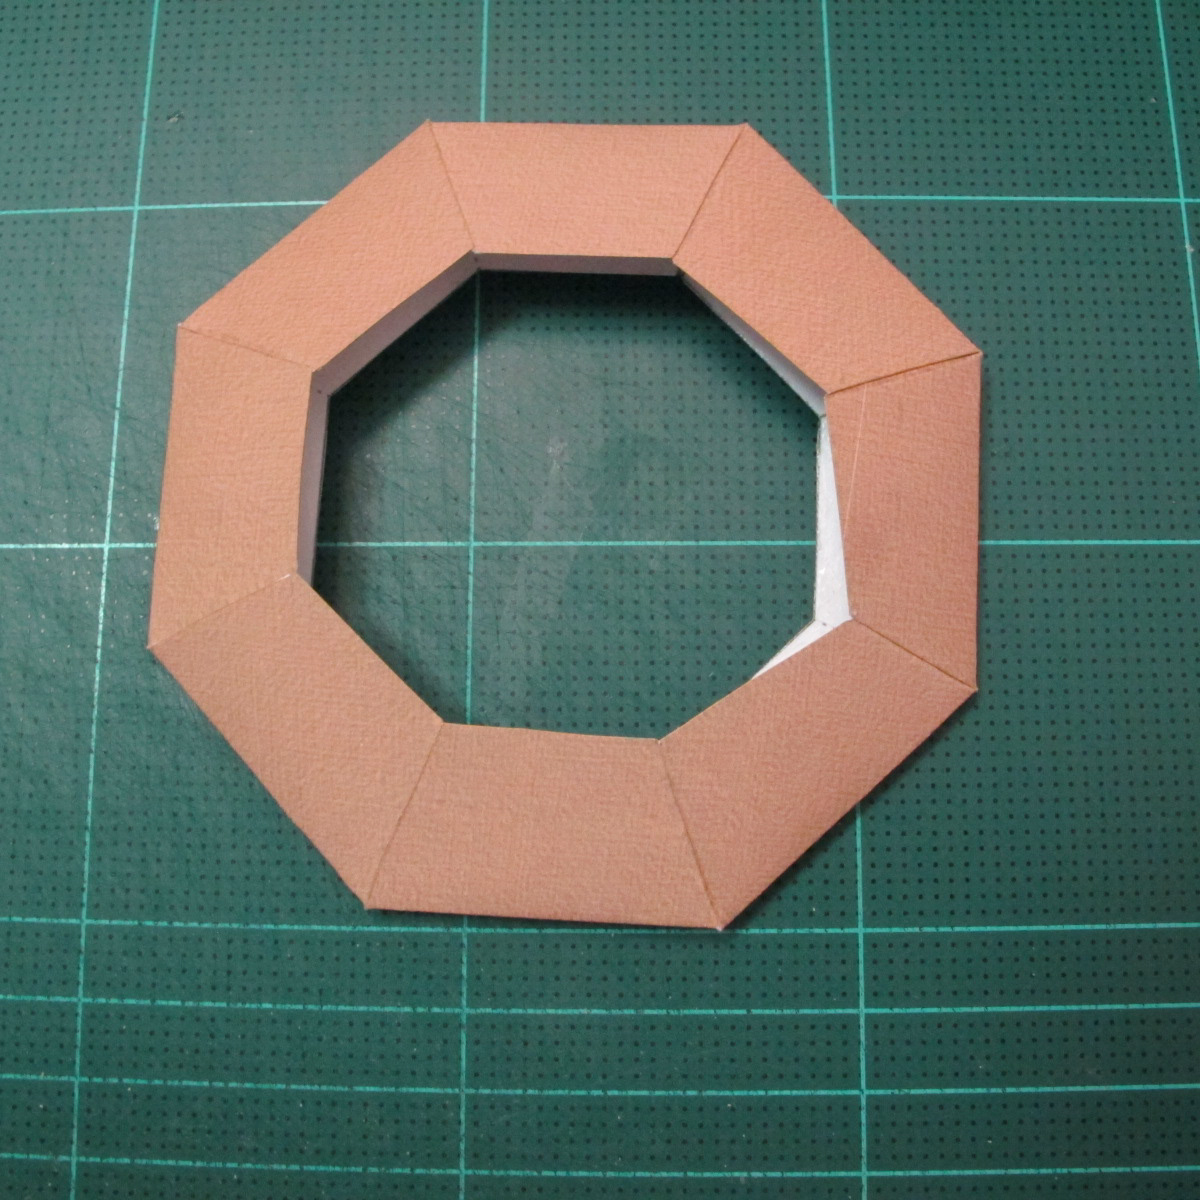 วิธีทำโมเดลกระดาษของเล่นคุกกี้รัน คุกกี้รสพ่อมด (Cookie Run Wizard Cookie Papercraft Model) 044